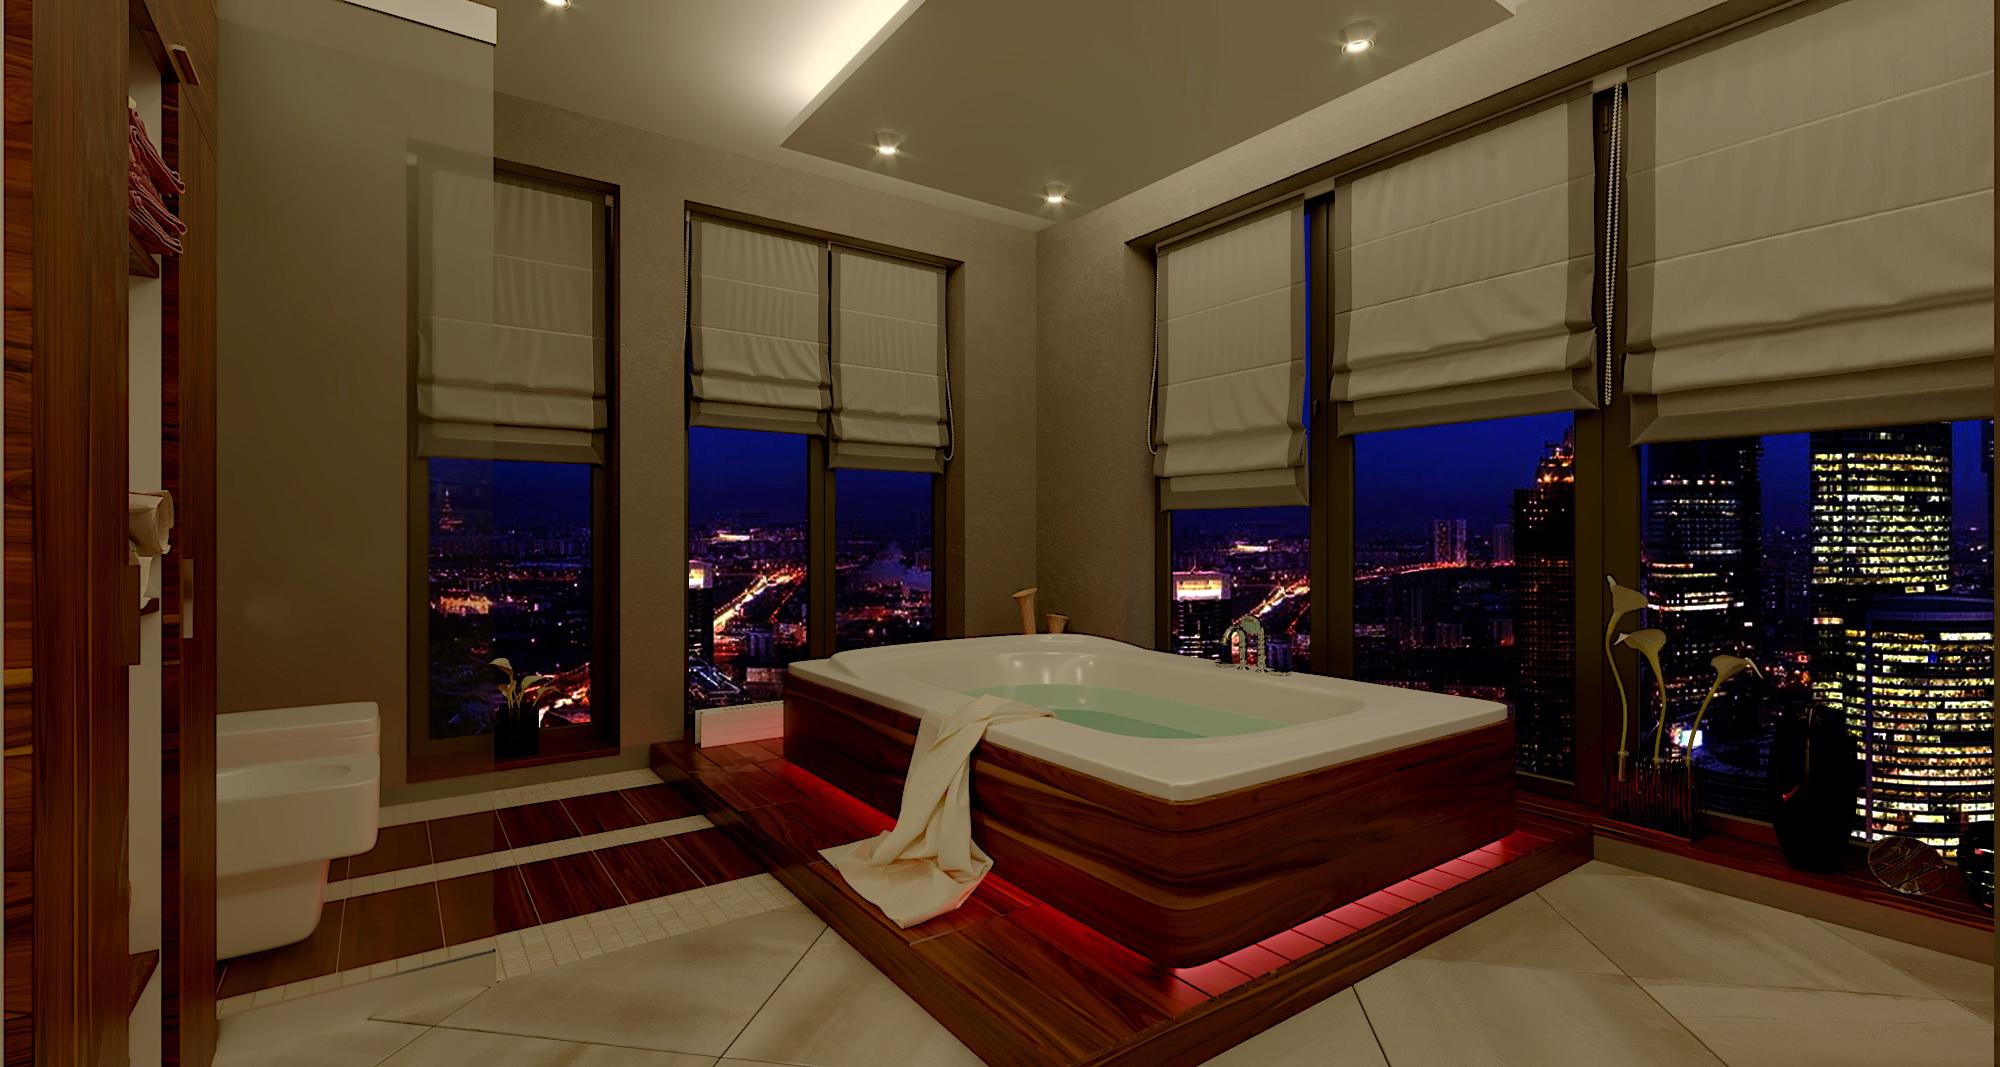 salle de bain dans 3d max corona render image